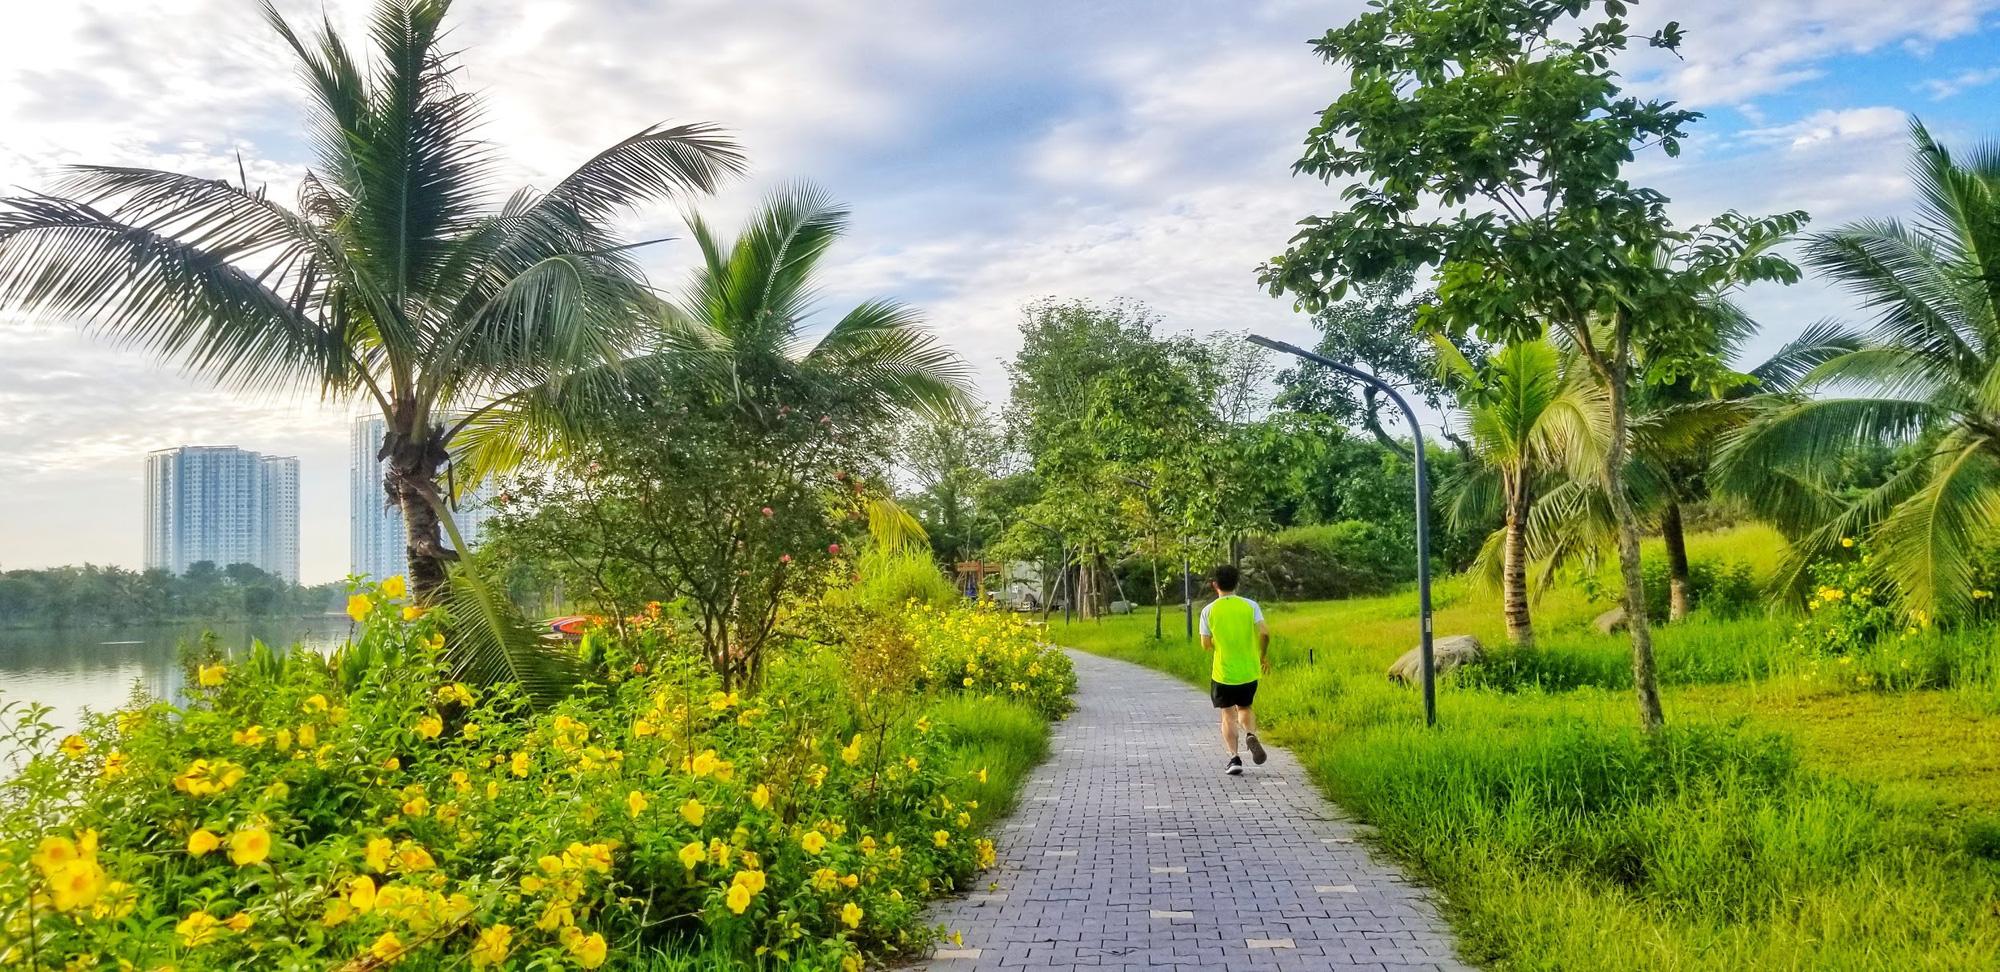 Ngắm bình minh đẹp như tranh vẽ tại khu đô thị xanh Ecopark - Ảnh 4.